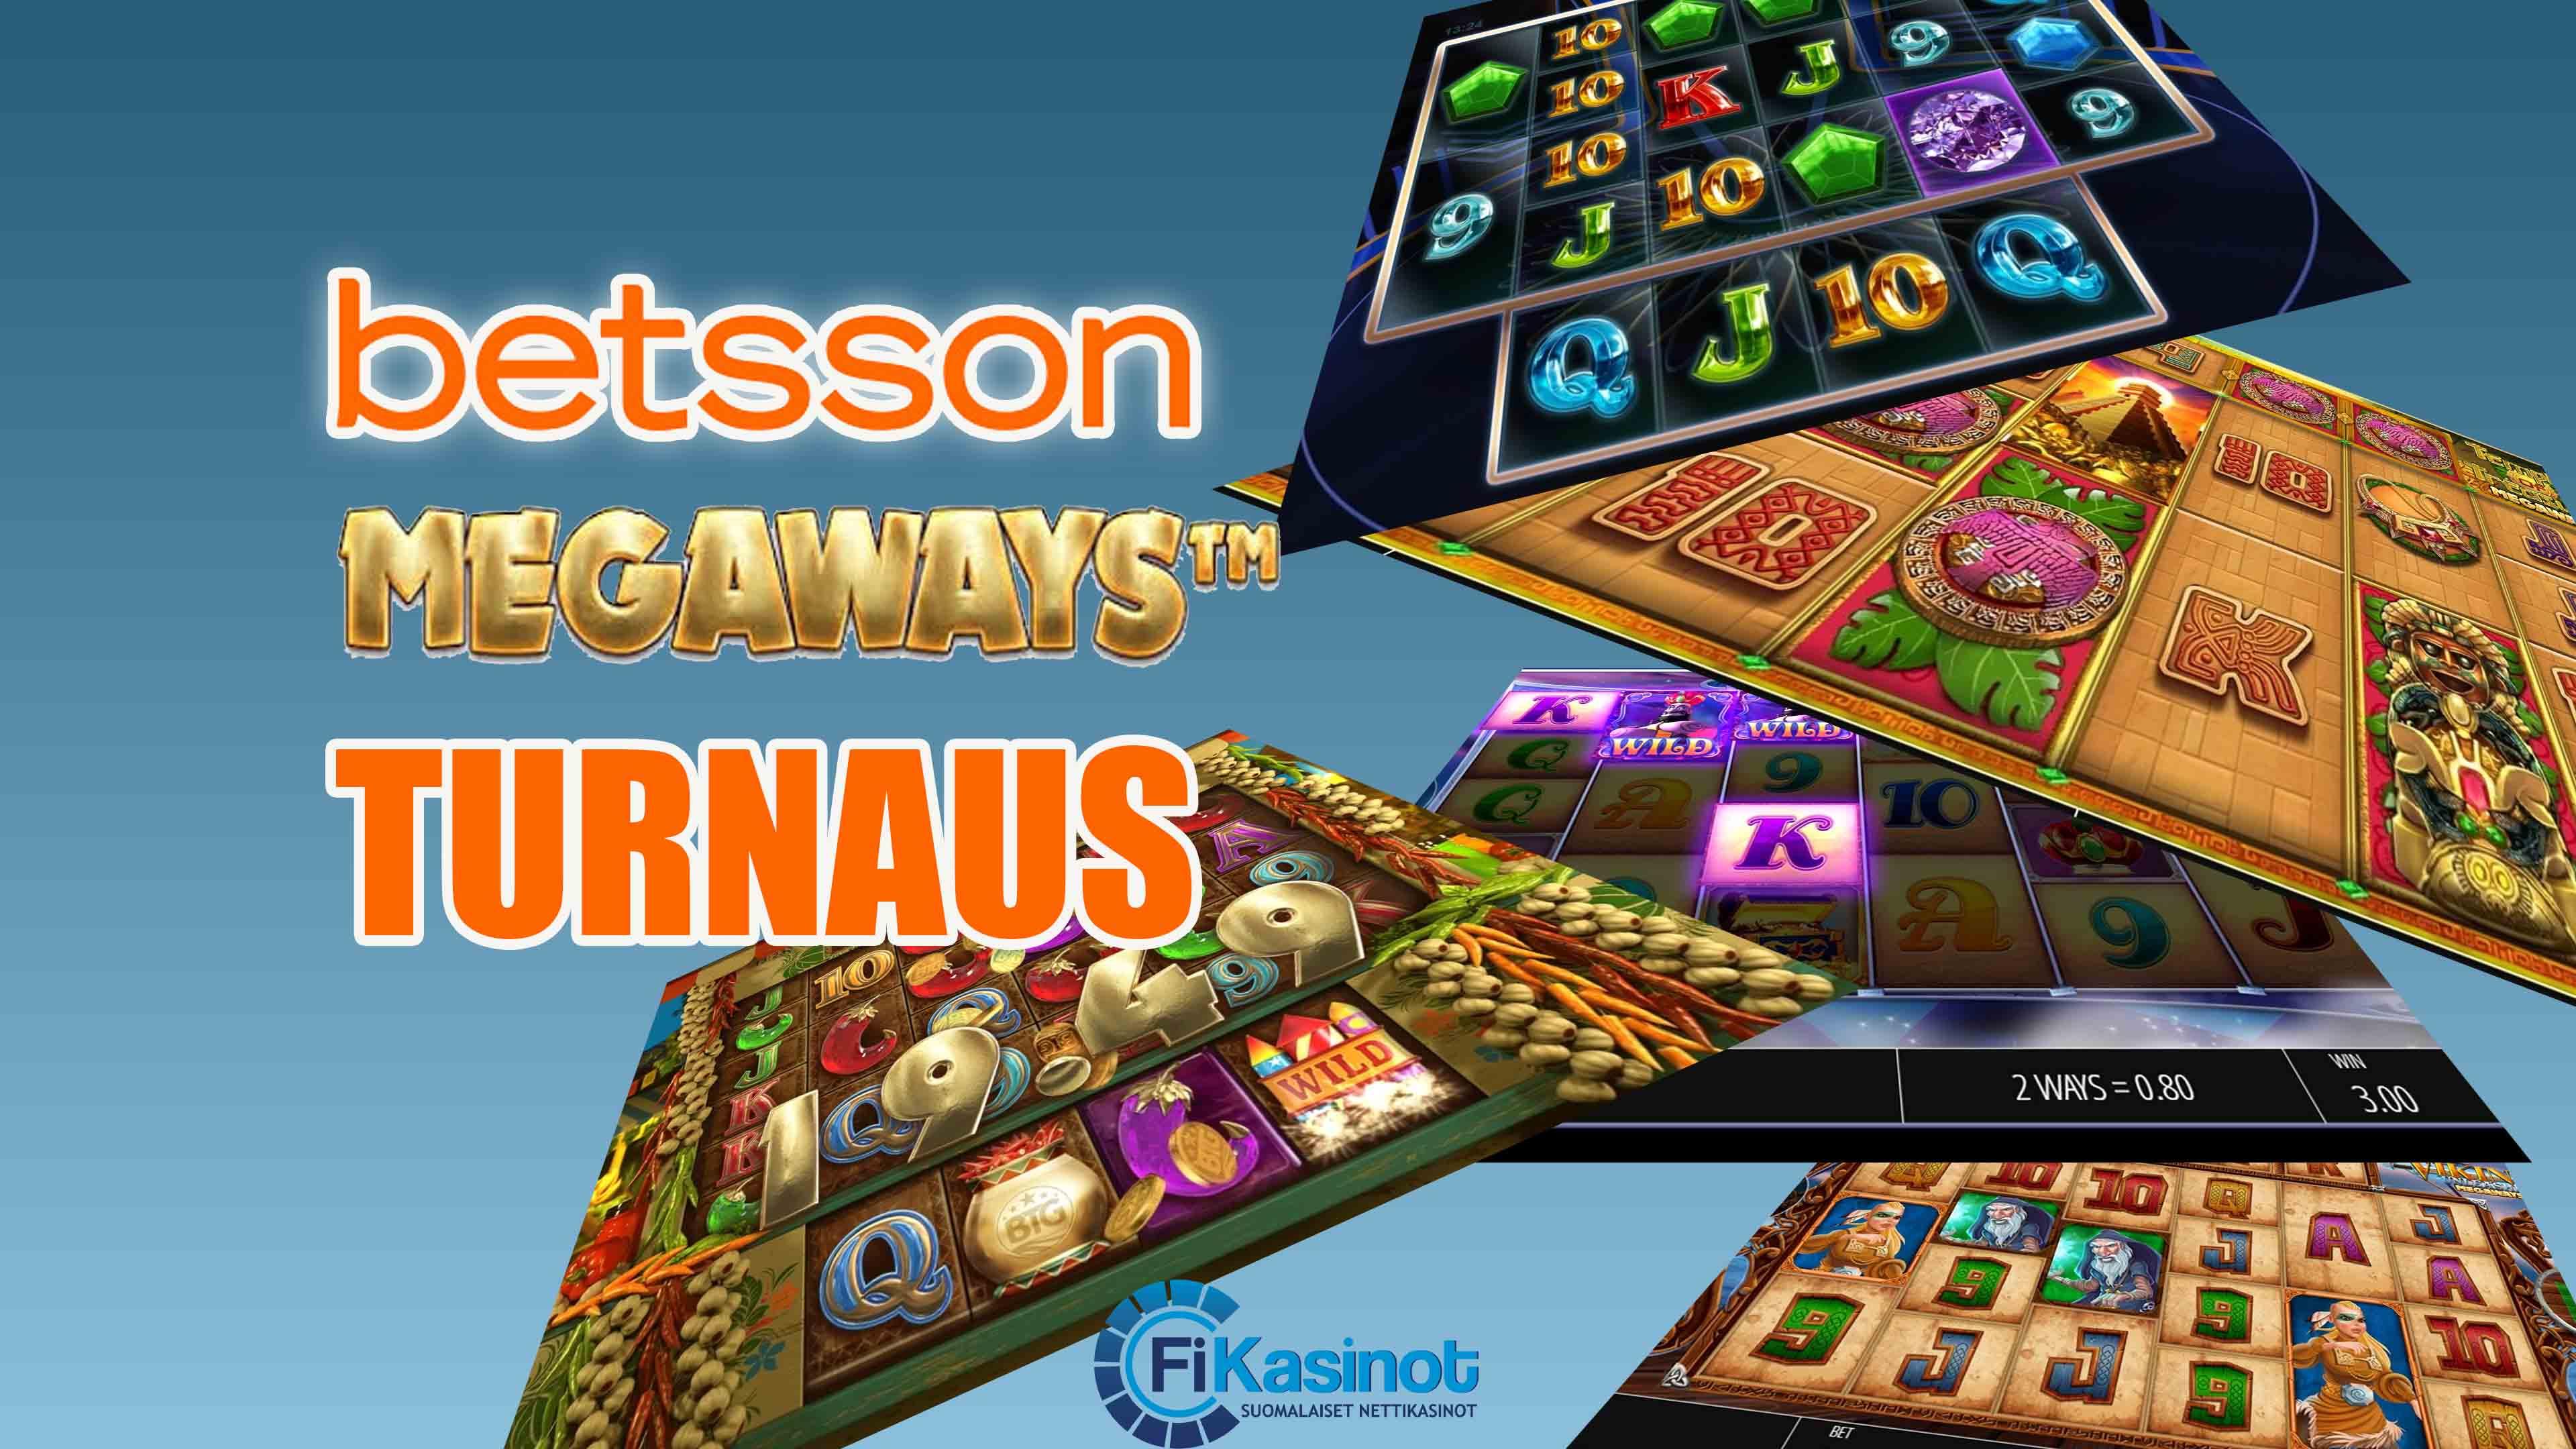 Megaways turnaus Betssonilla 10 000 euroa